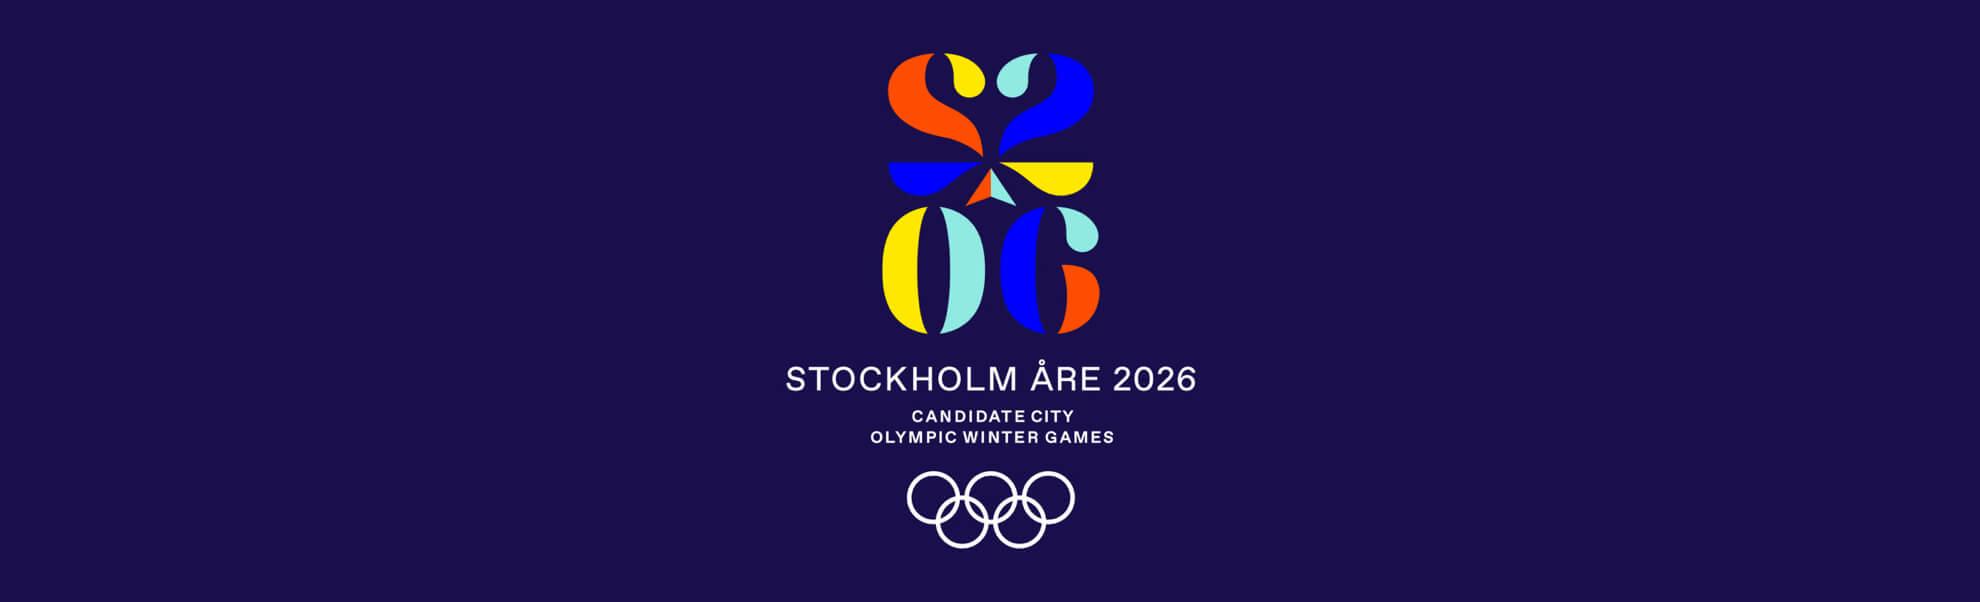 Sztokholm iÅre mają kandydackie logo